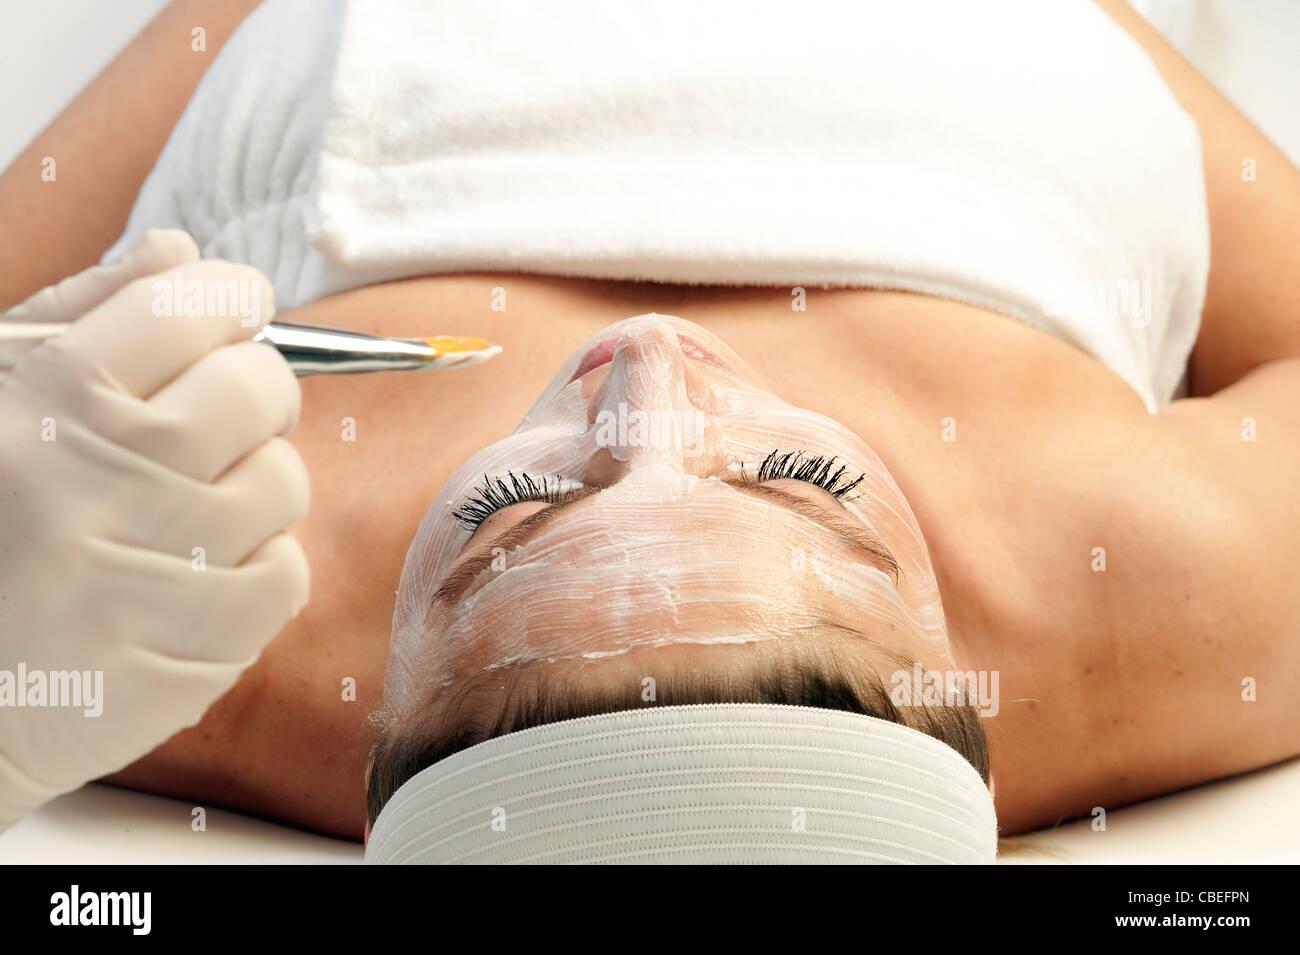 Frau bekommen eine Gesichtsbehandlung in einem Spa. Stockbild